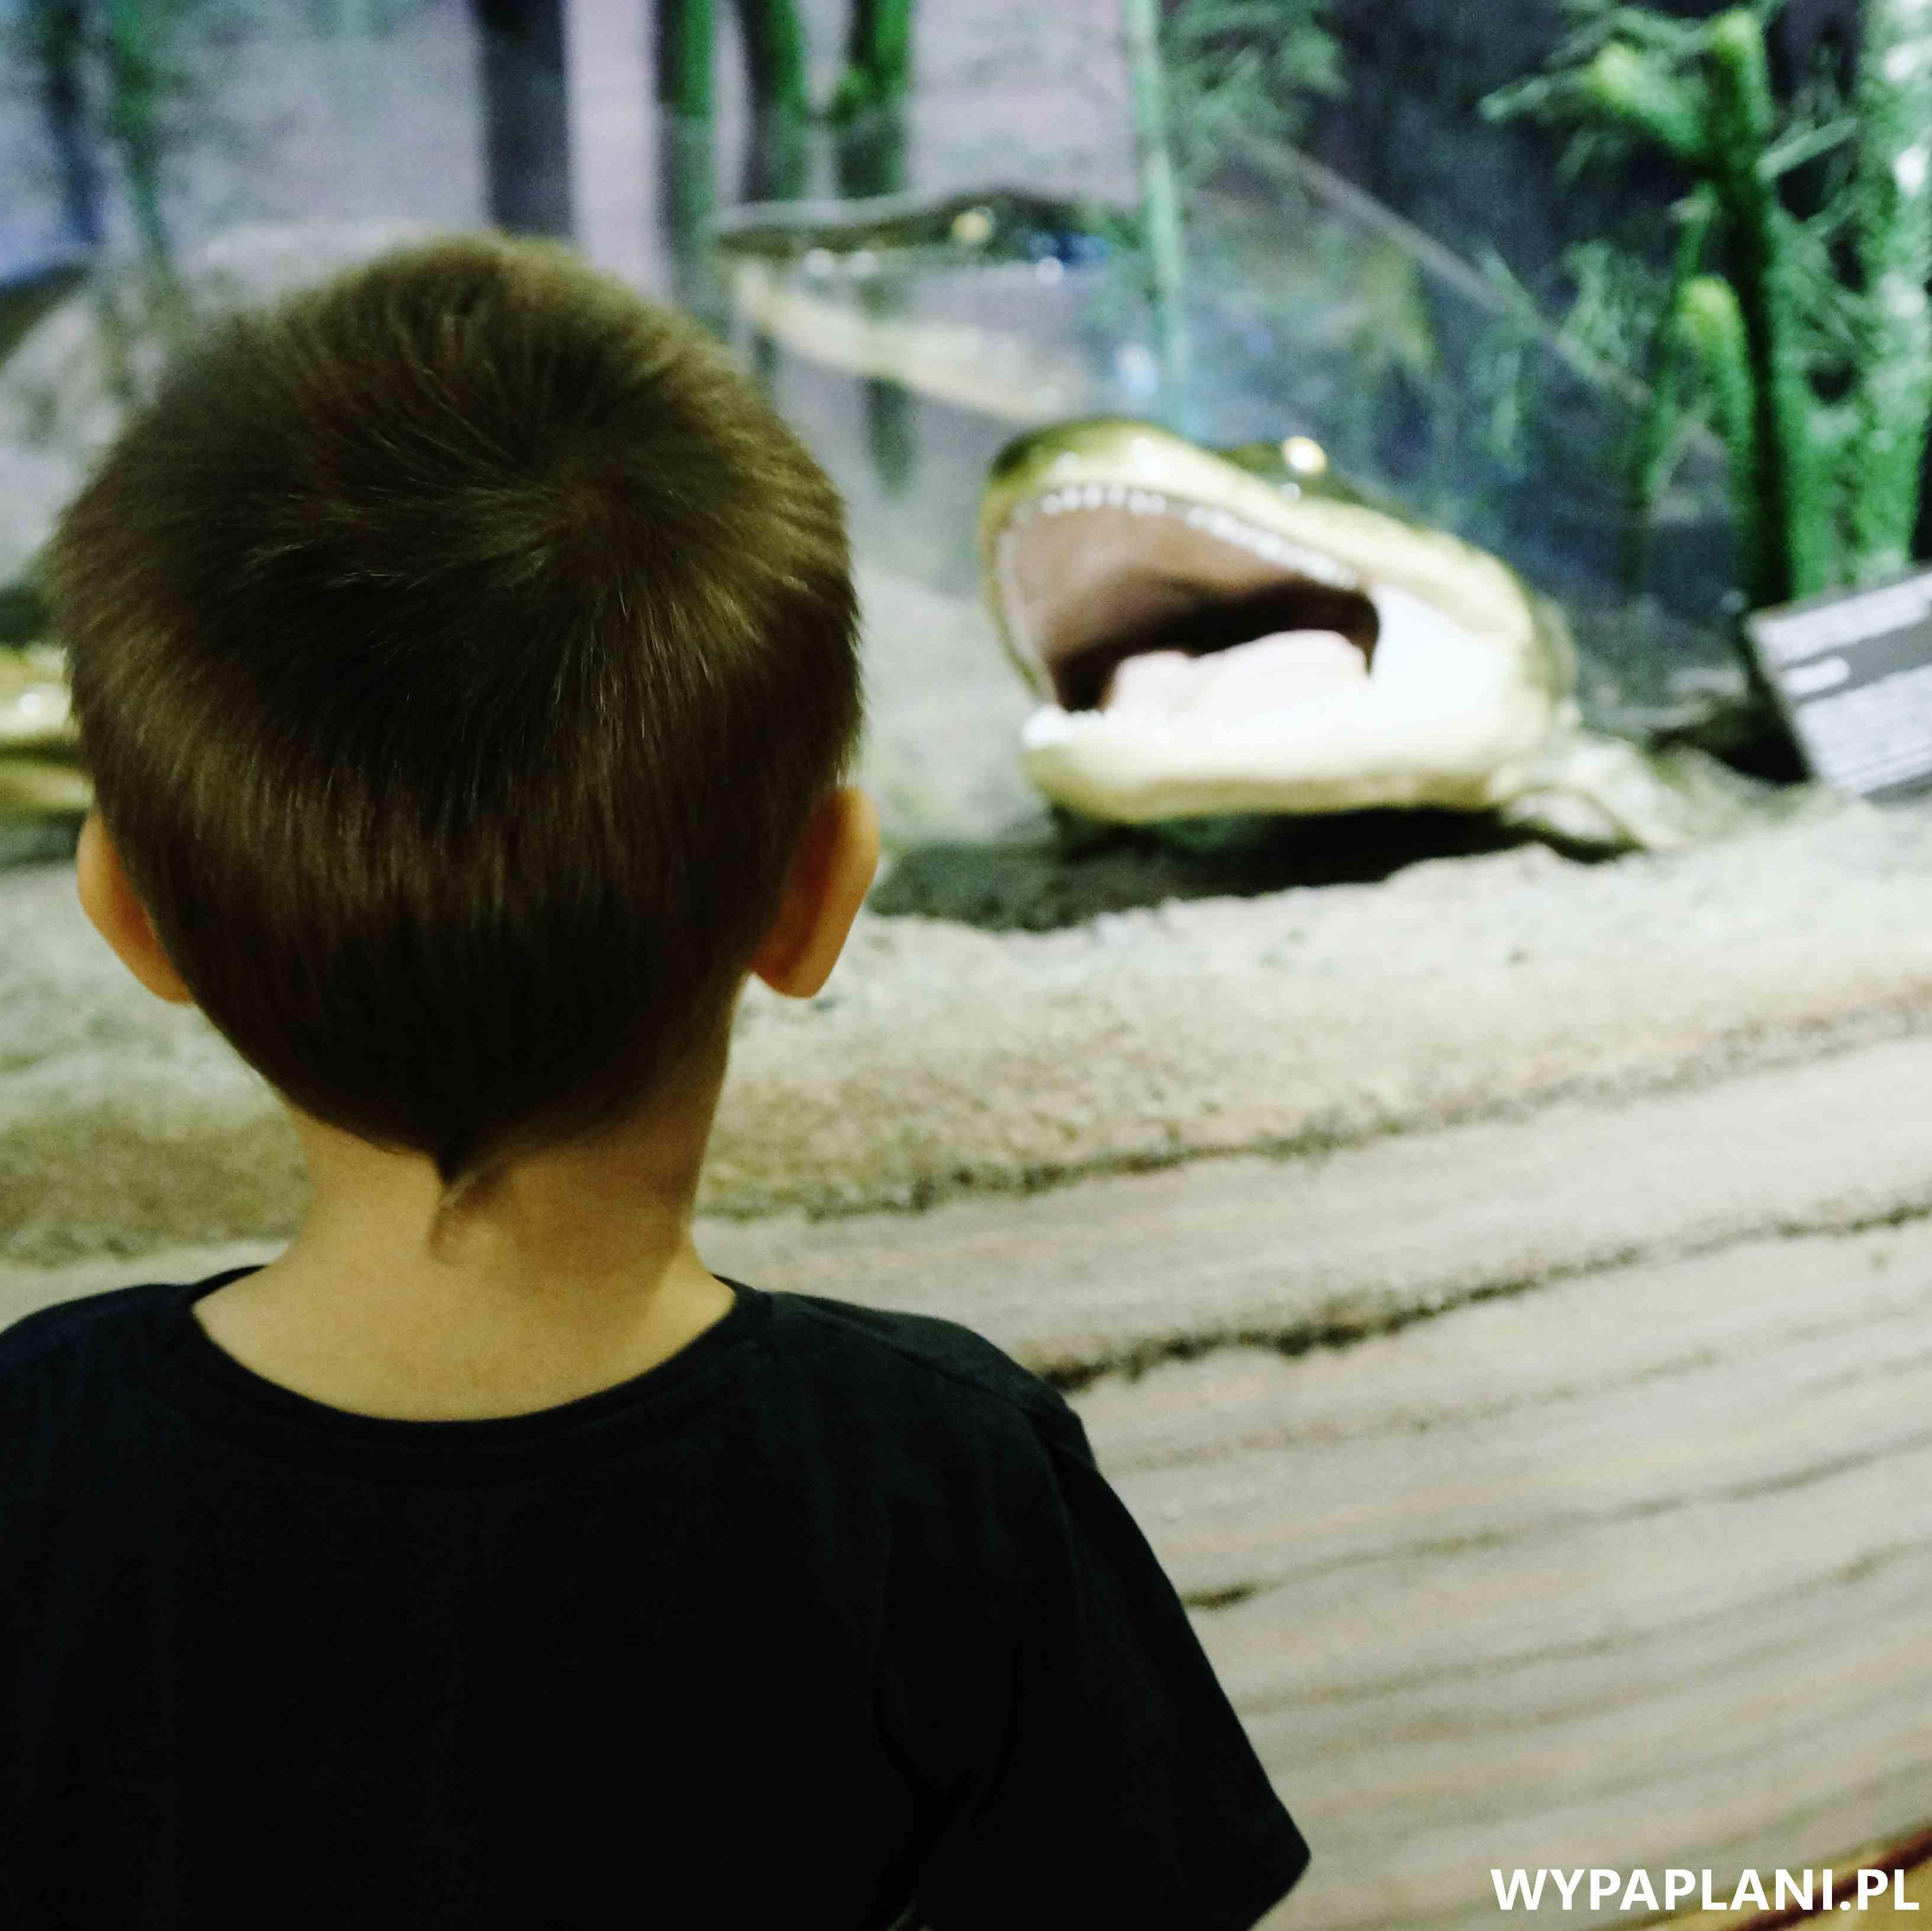 dsc00589_muzeum-ewolucji-warszawa